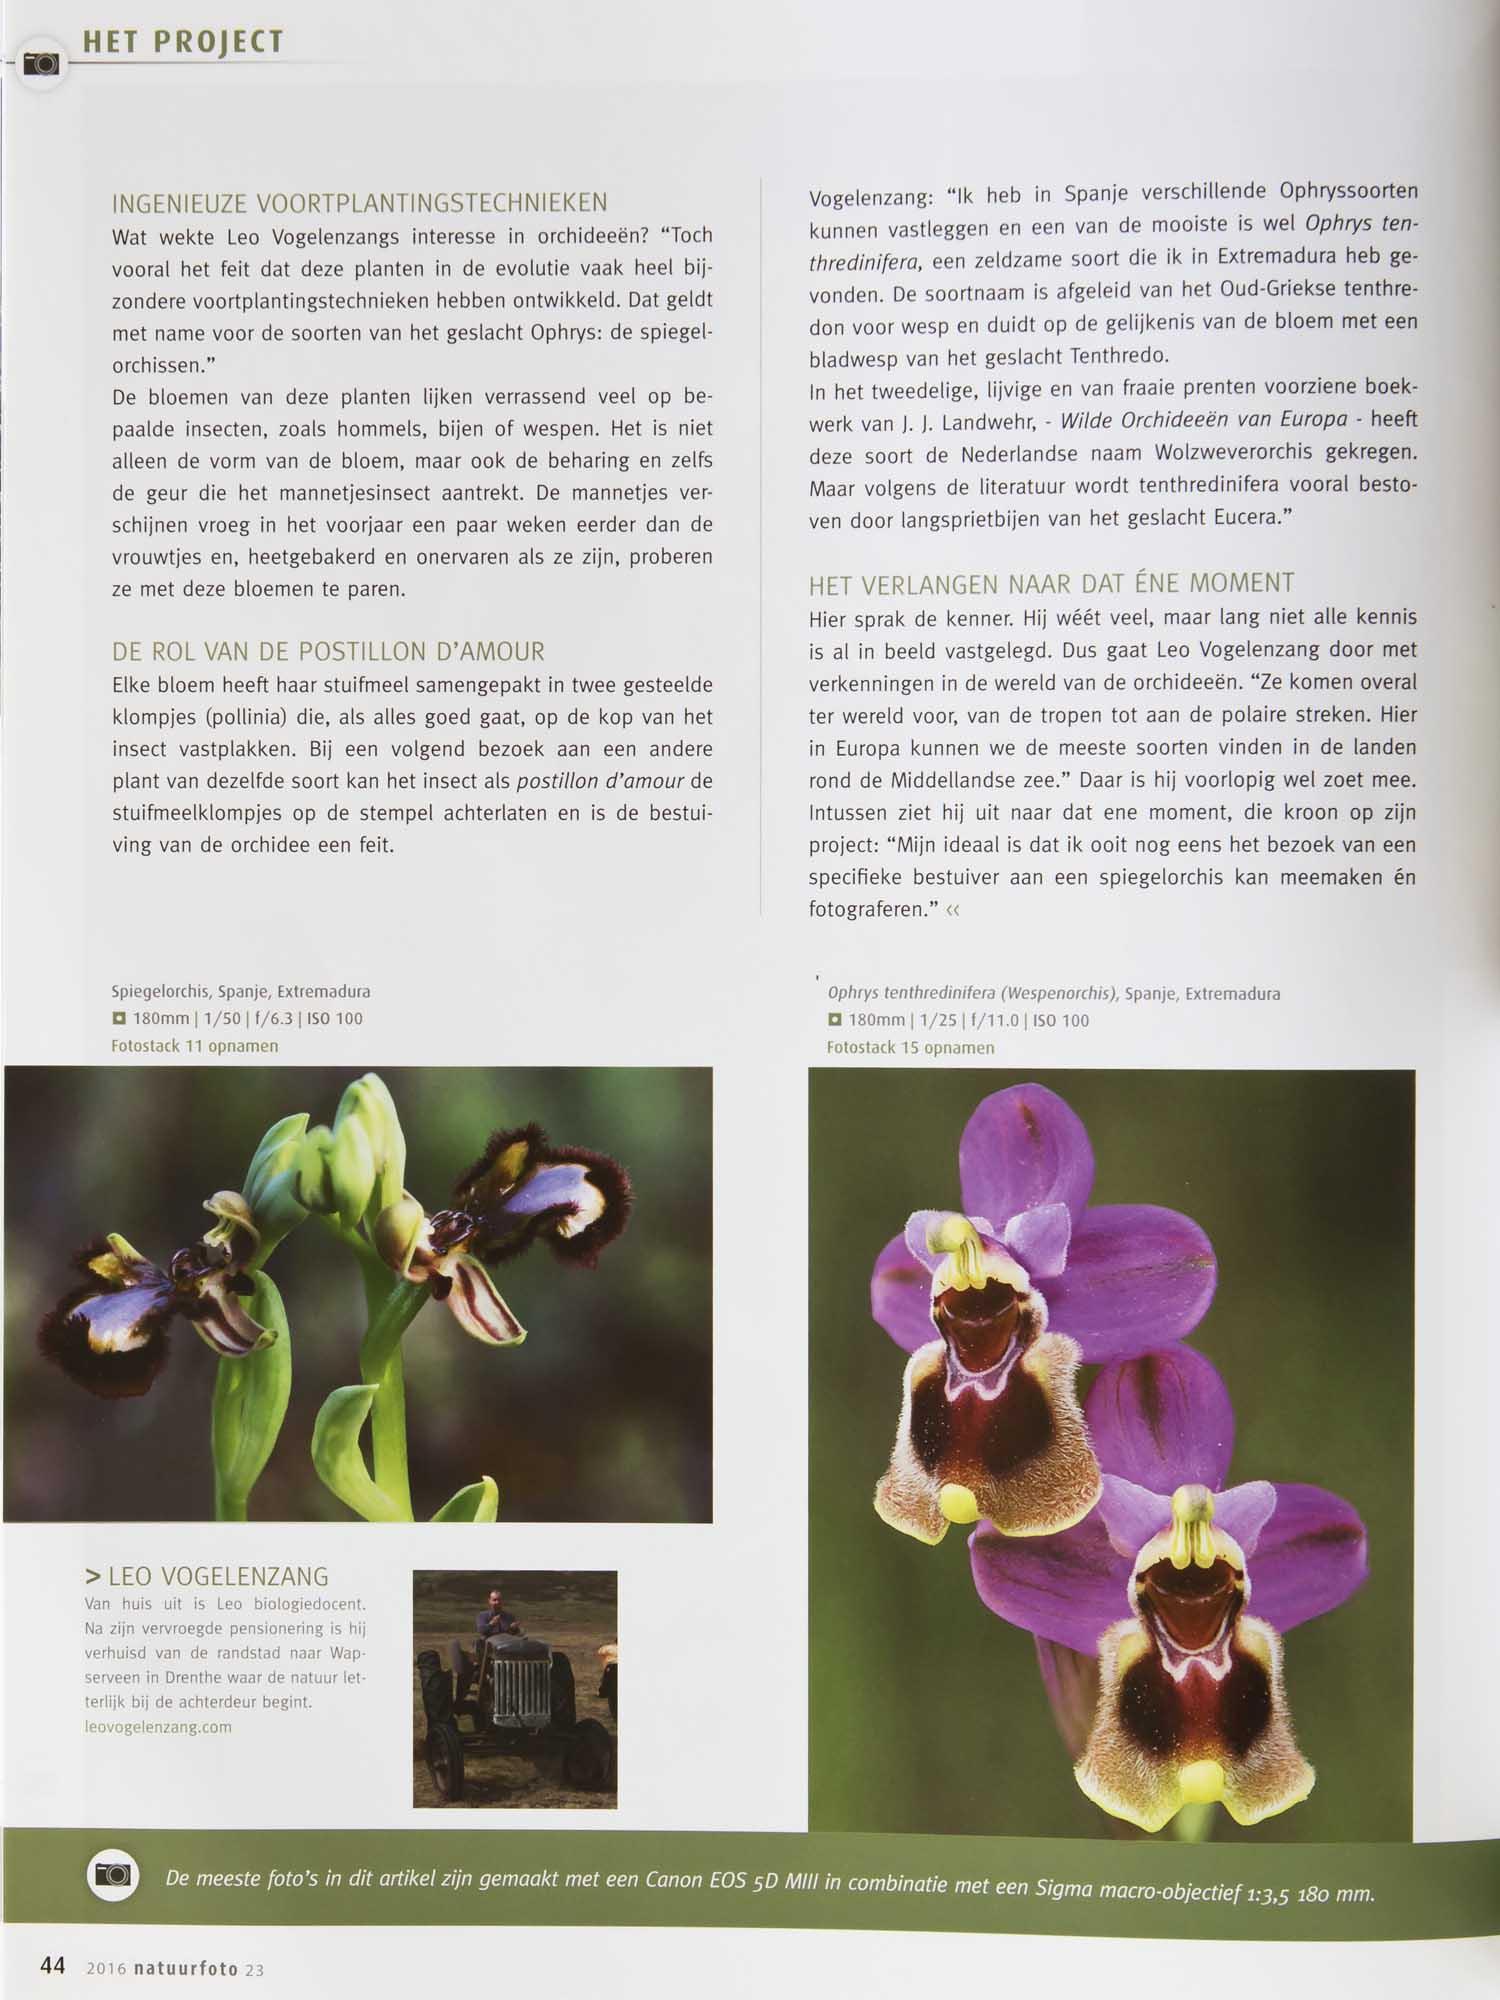 Orchideeen Leo Vogelenzang 3